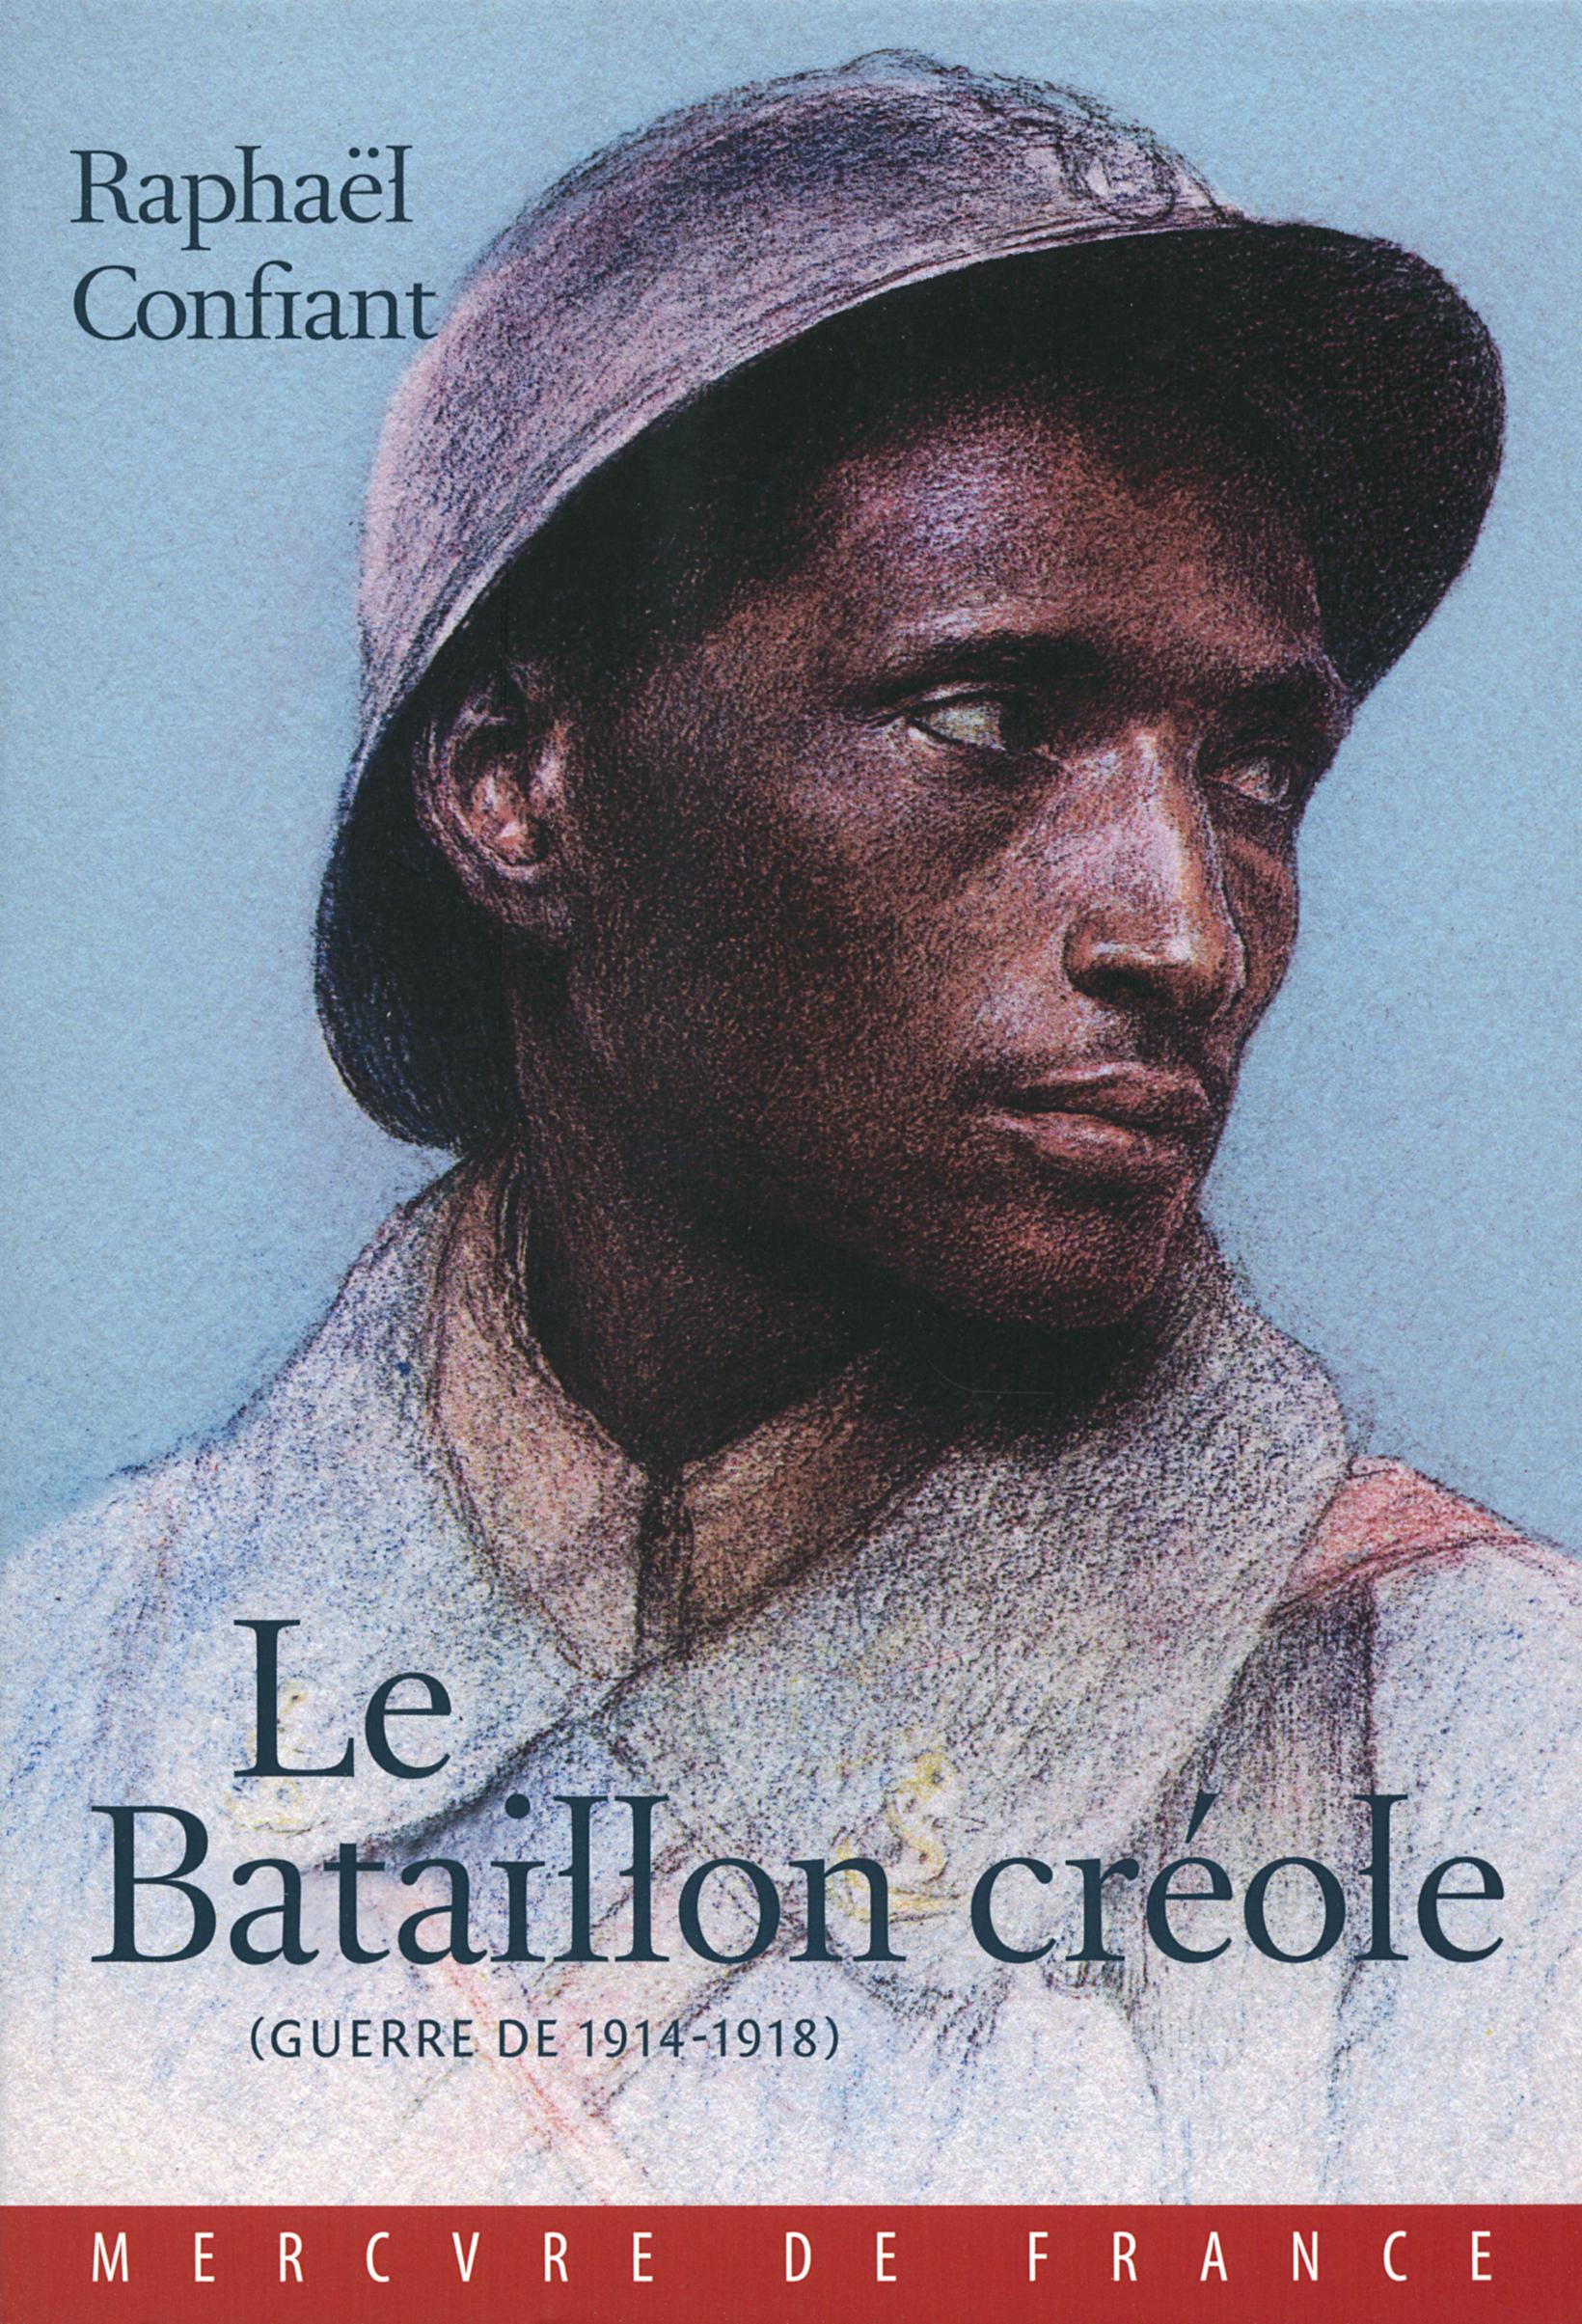 Le Bataillon créole, (GUERRE DE 1914-1918)